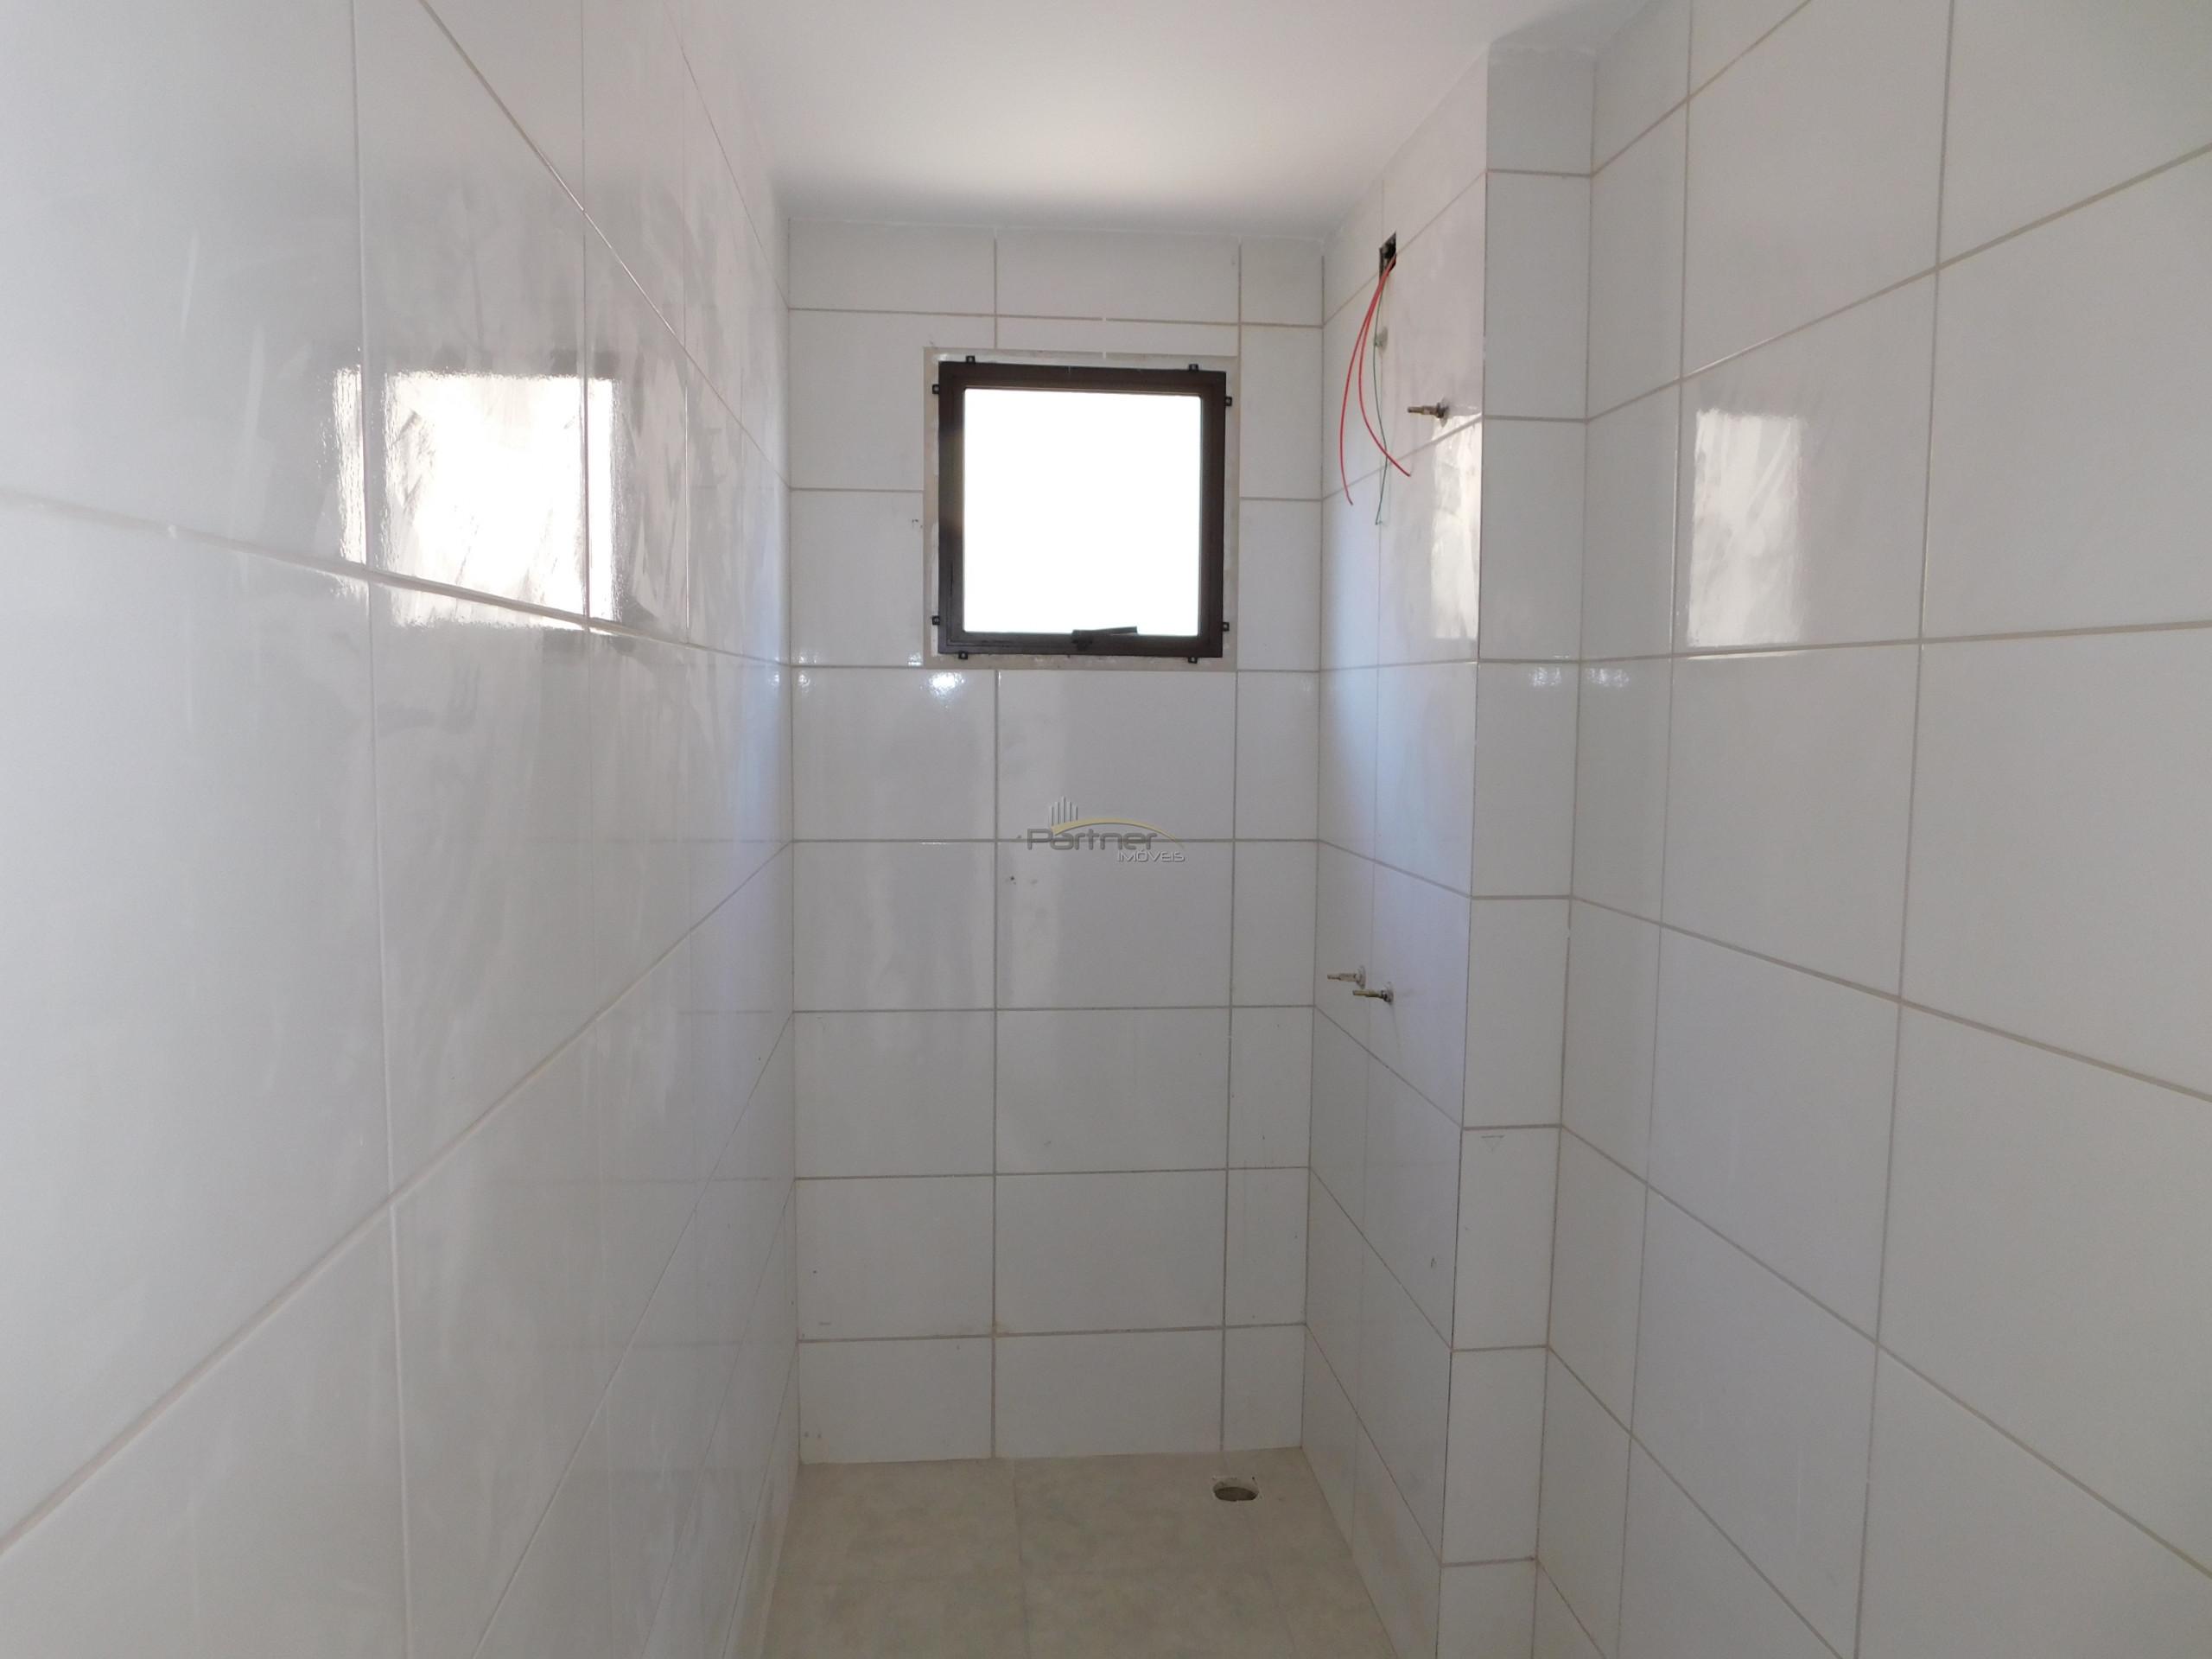 Foto 15 - APARTAMENTO em CURITIBA - PR, no bairro Portão - Referência N0629